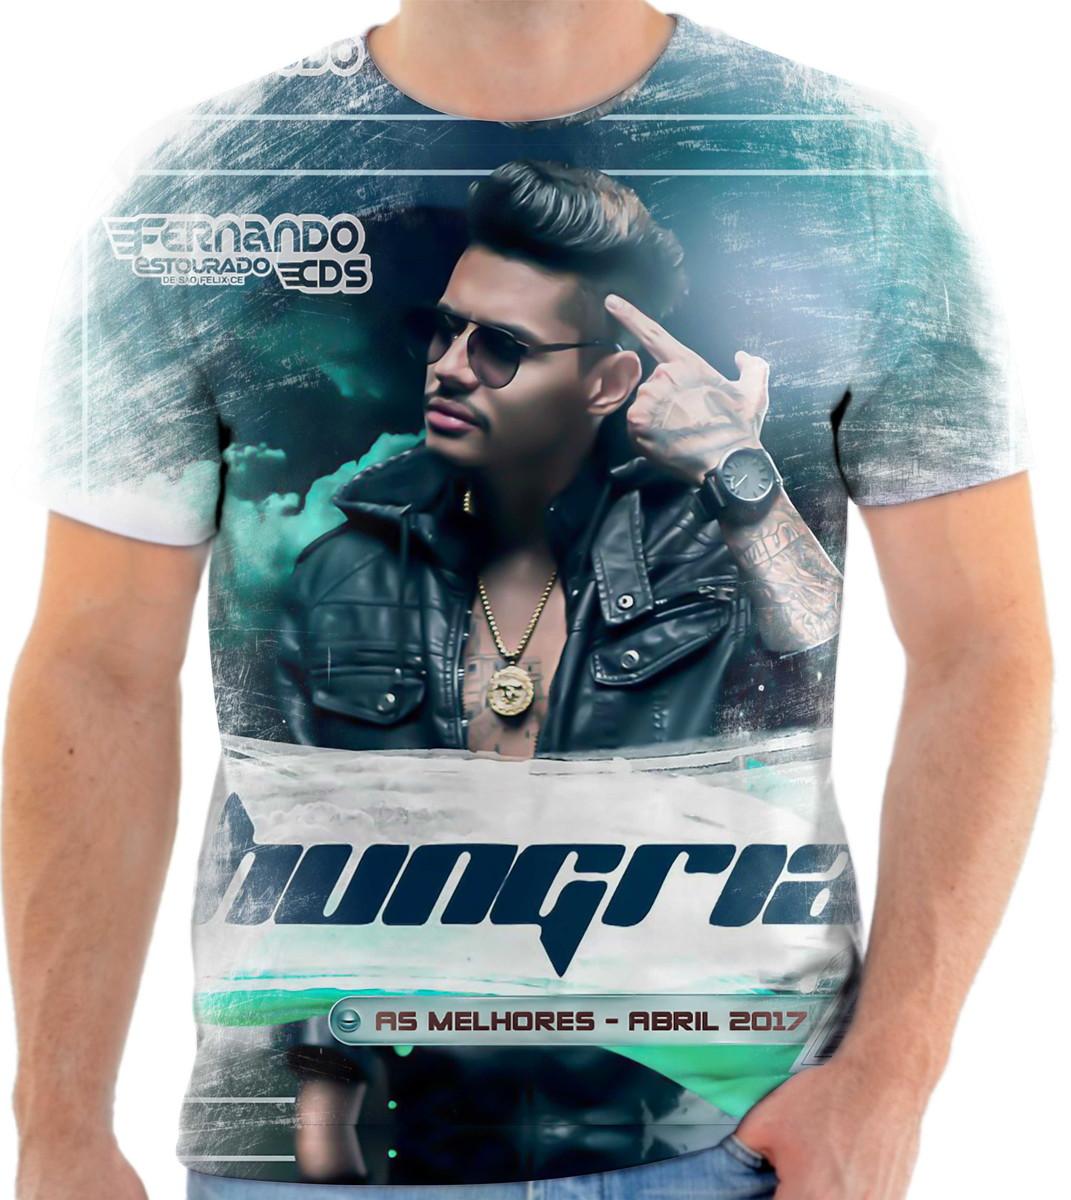 eb633a741a748 Camisa Camiseta Personaliza Cantor Hungria Hip Hop Rap 1 no Elo7 ...